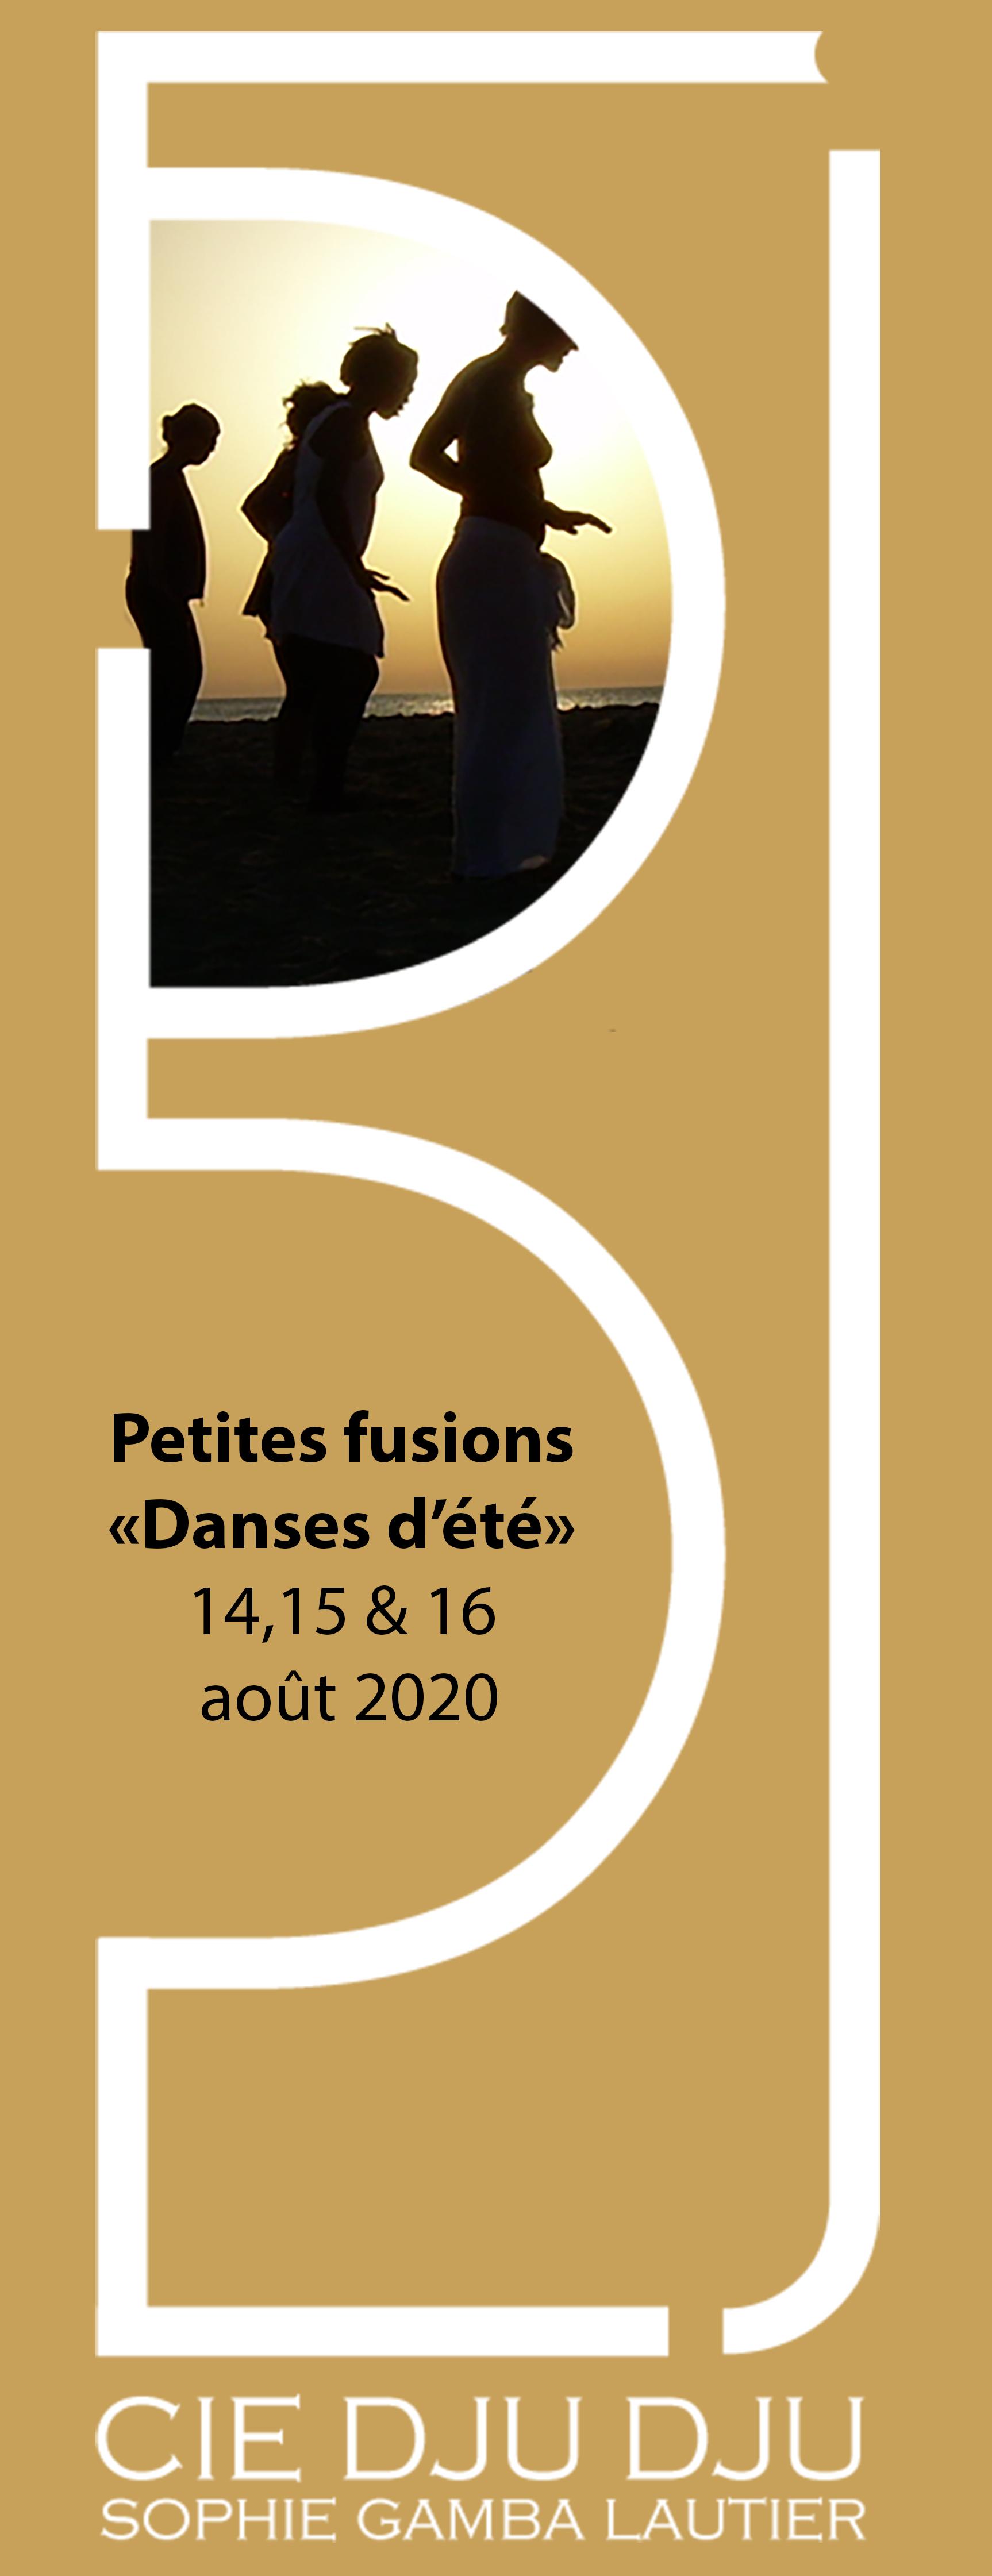 """Petites fusions """"Danse d'été2020"""""""